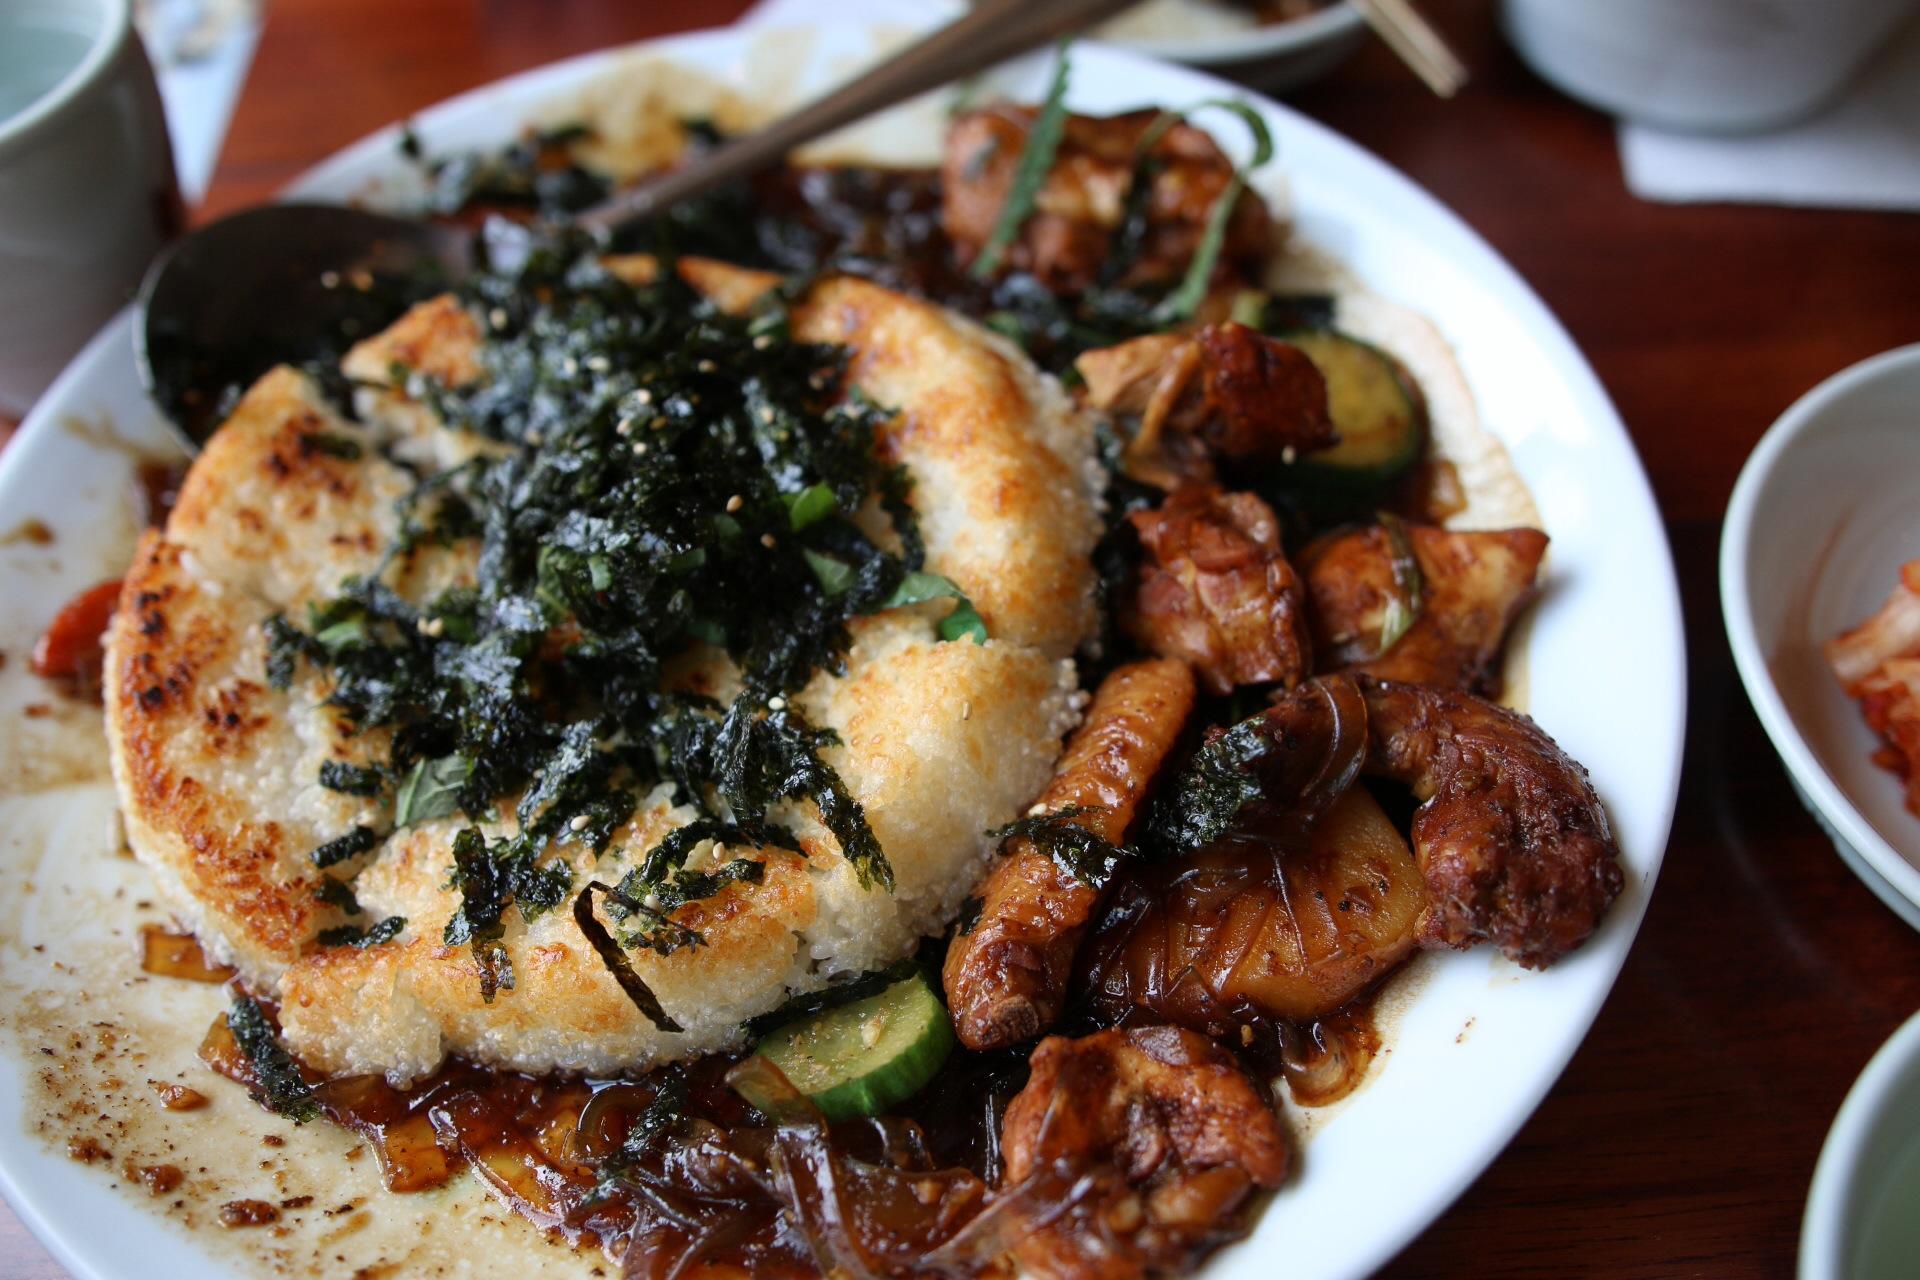 누른지밥 (toasted rice) added in during the middle of the meal.  You HAVE to get the toasted rice! Not all locations do this actually, so make sure you only go to the ones that do! So far, I know that the 압구정로대오 (apgujung rodeo) and 홍대 (hongdae) locations do.